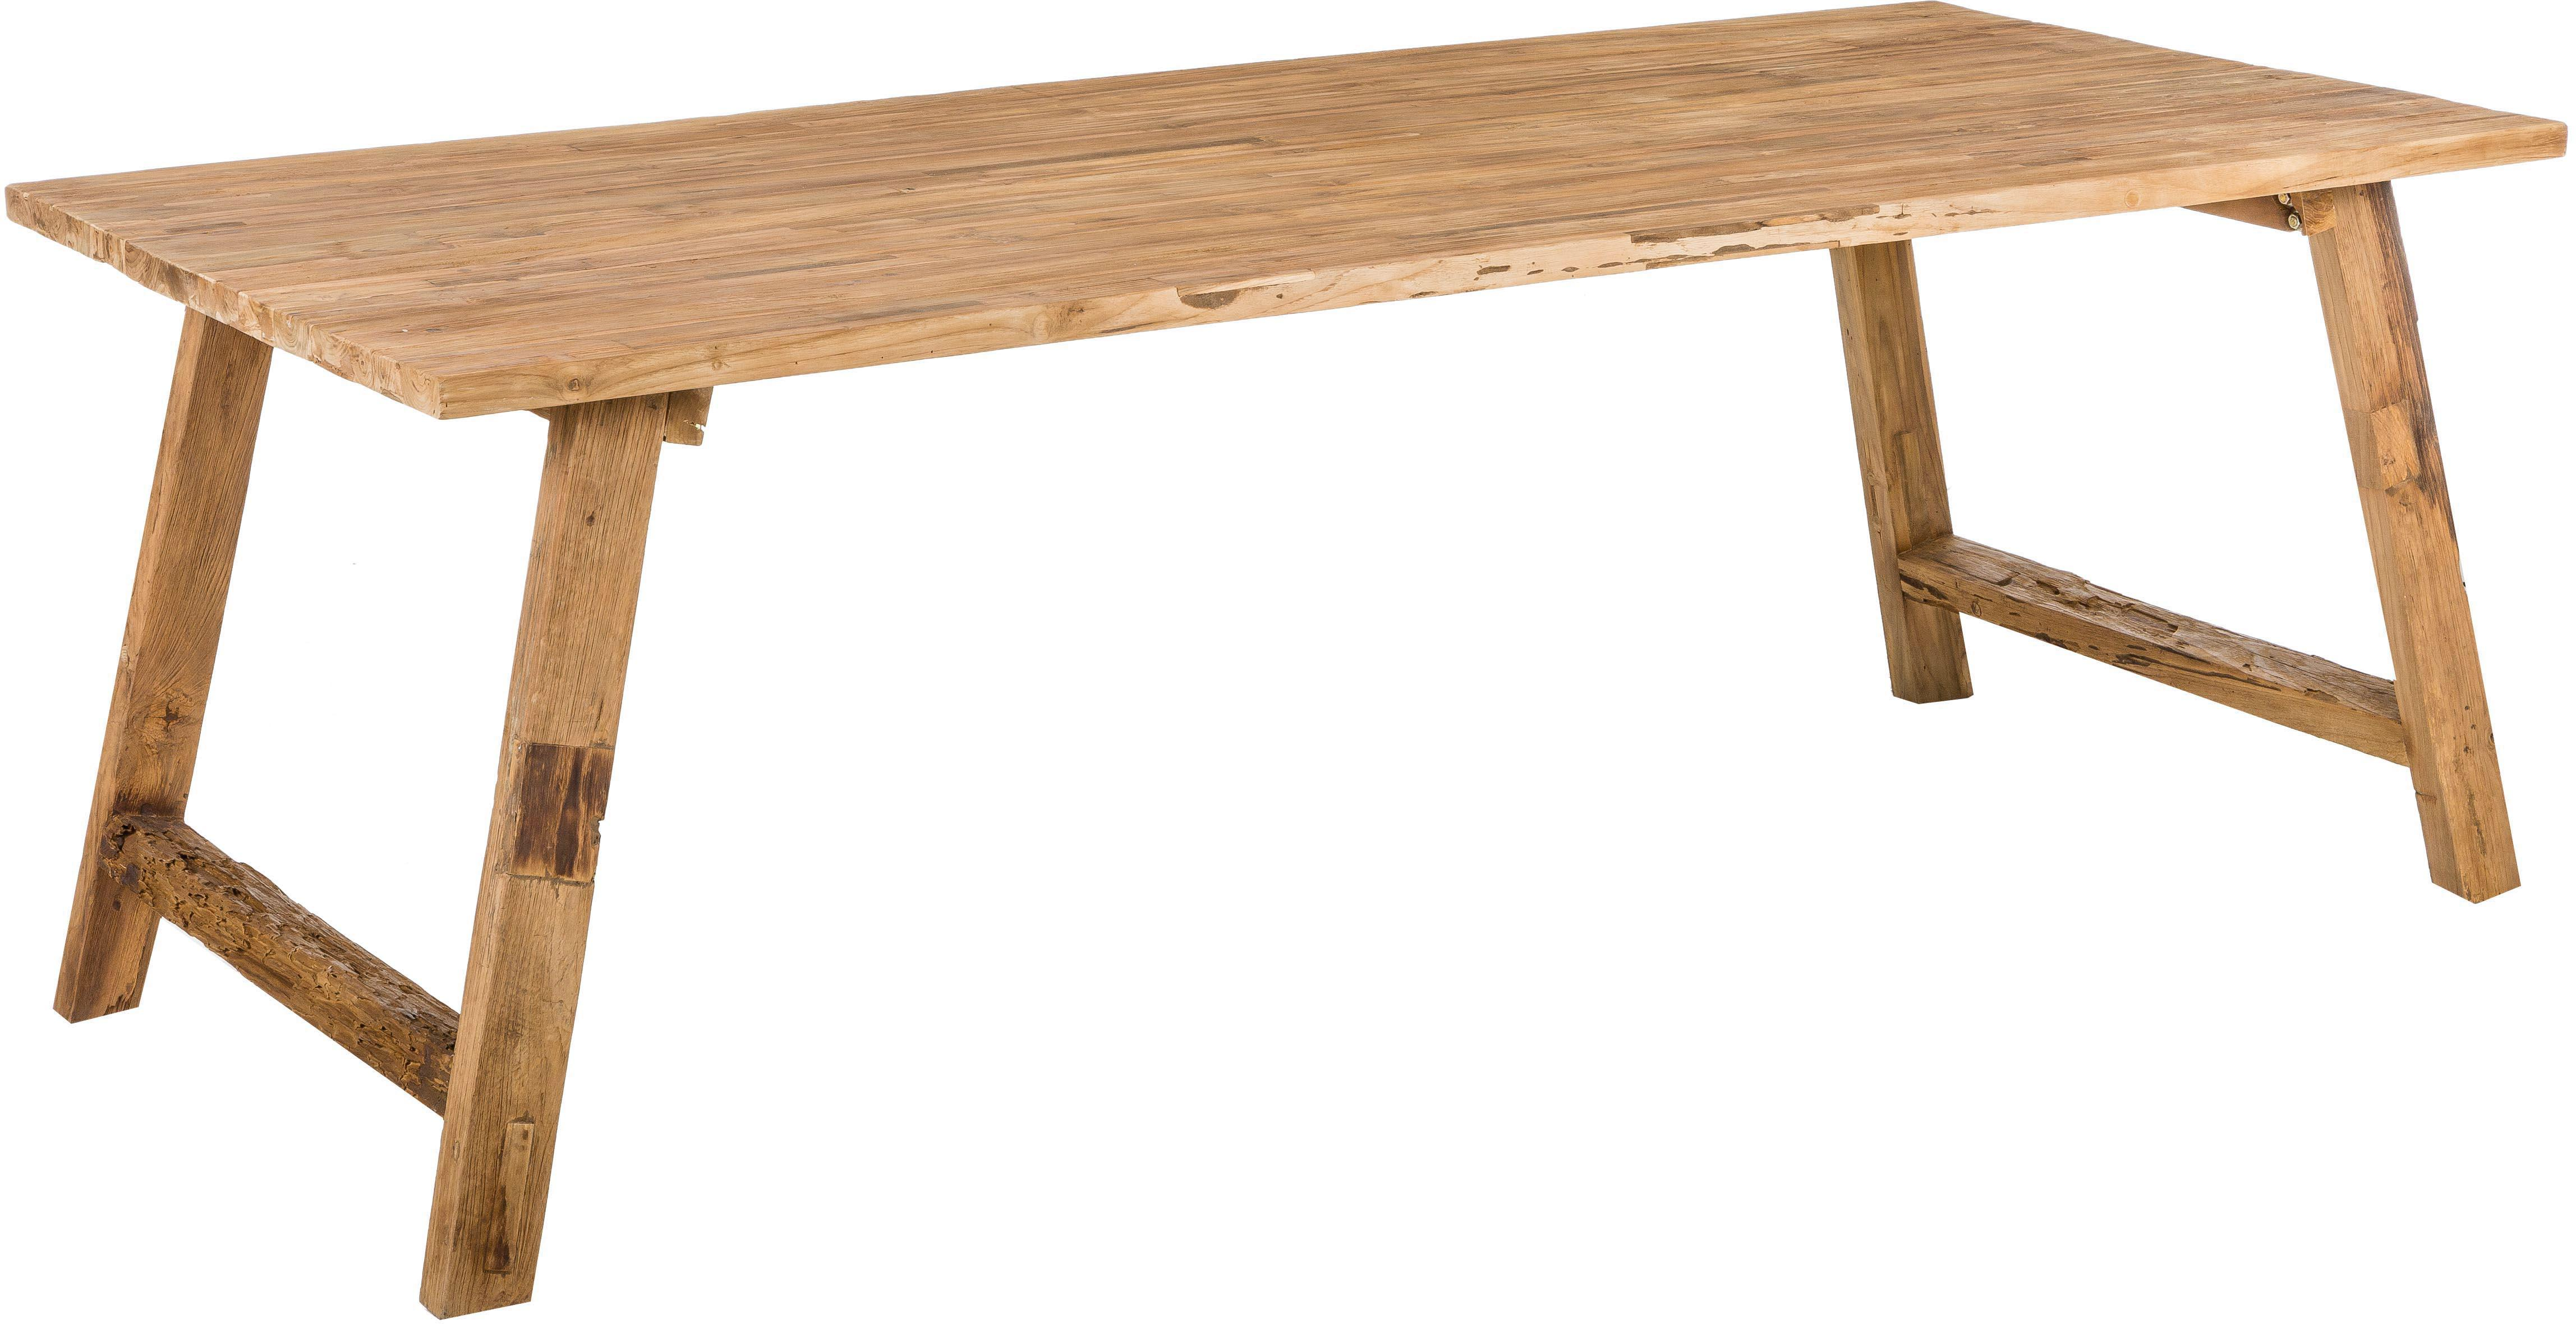 Mesa de comedor de madera maciza Lawas, Madera de teca natural, Teca, An 220 x F 100 cm